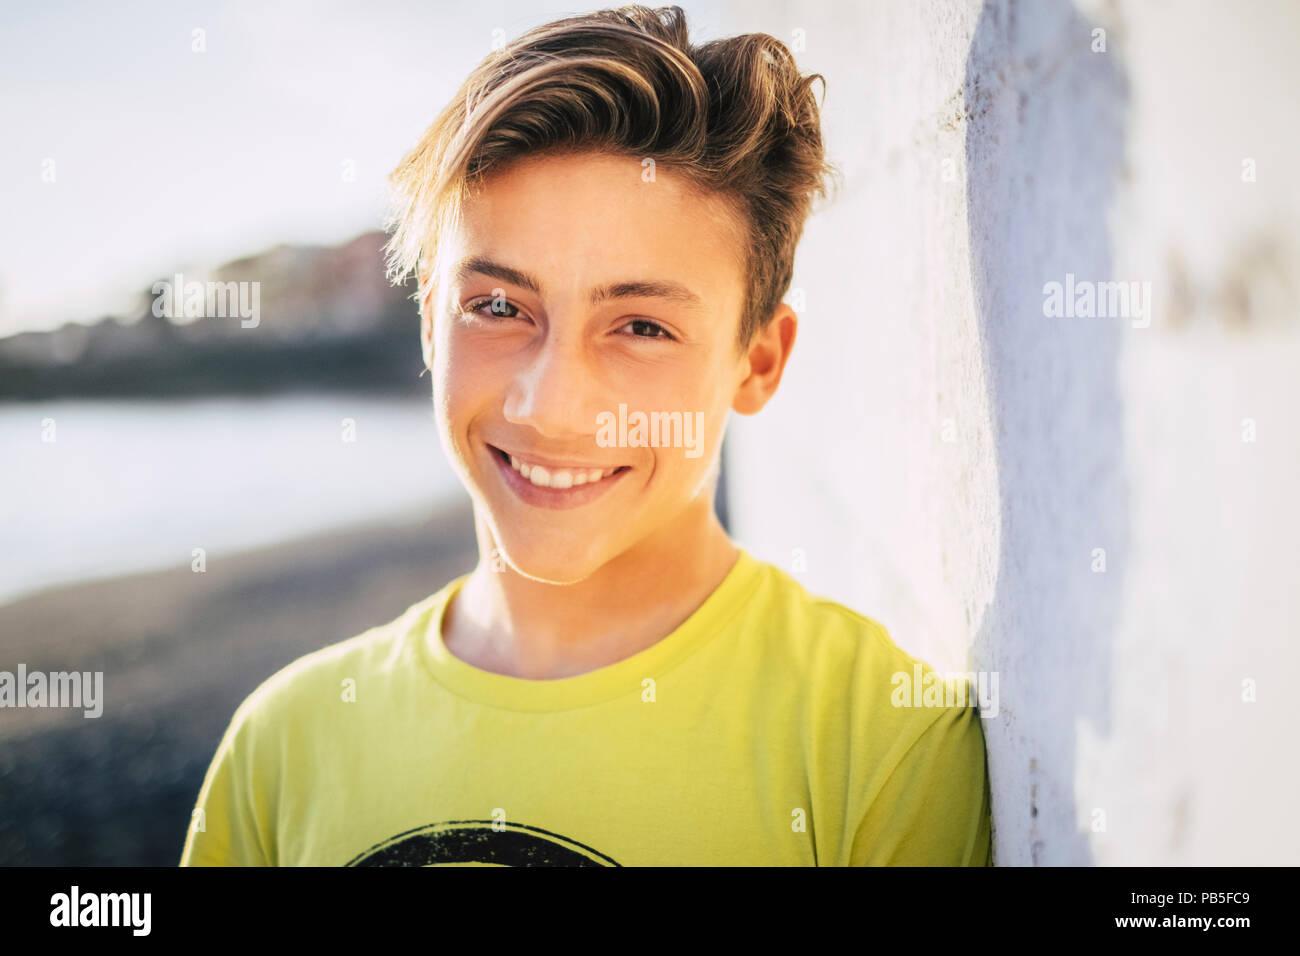 Jeune beau mâle adolescent sourire piscine avec un fond de ciel bleu d'été image concept de style. Photo Stock